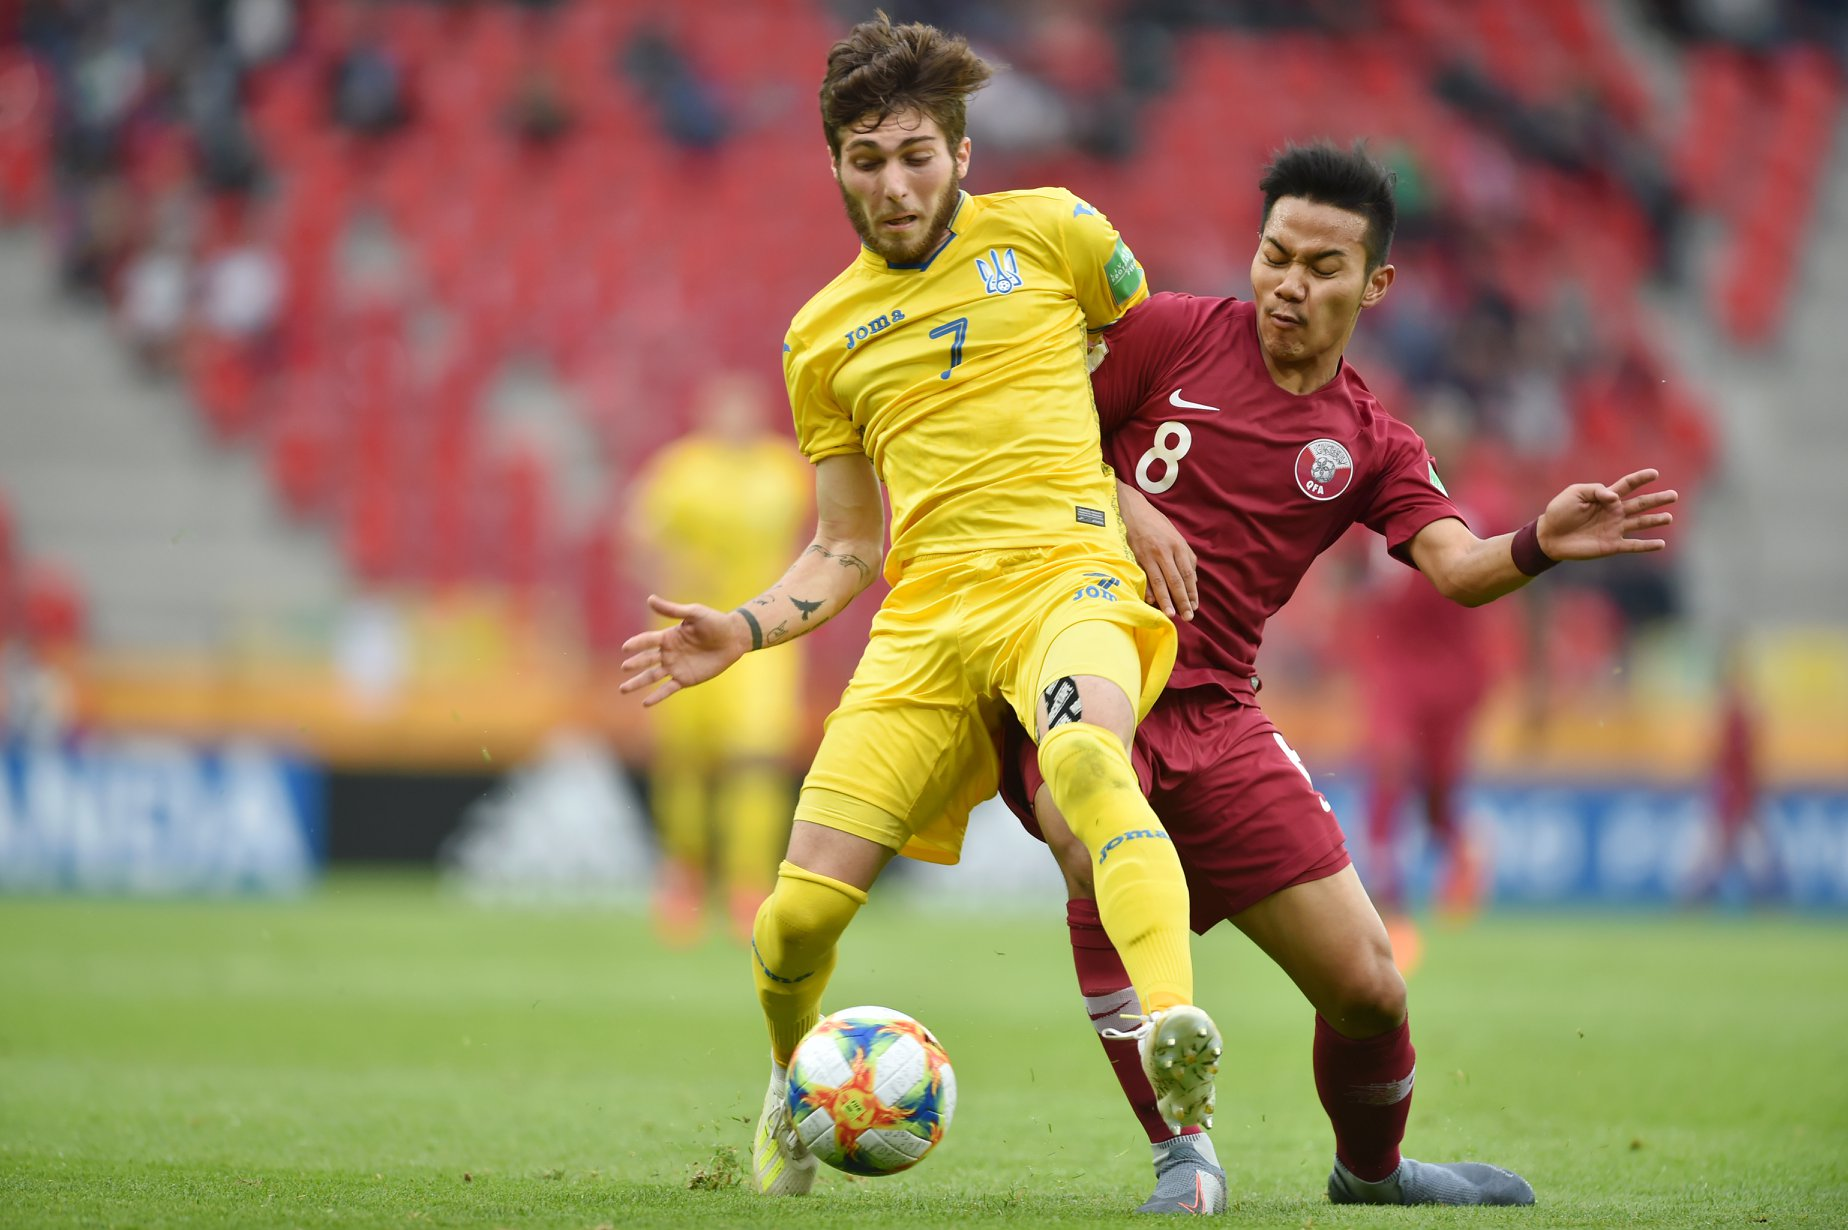 Kèo nhà cái U20 Ukraine vs U20 Panama